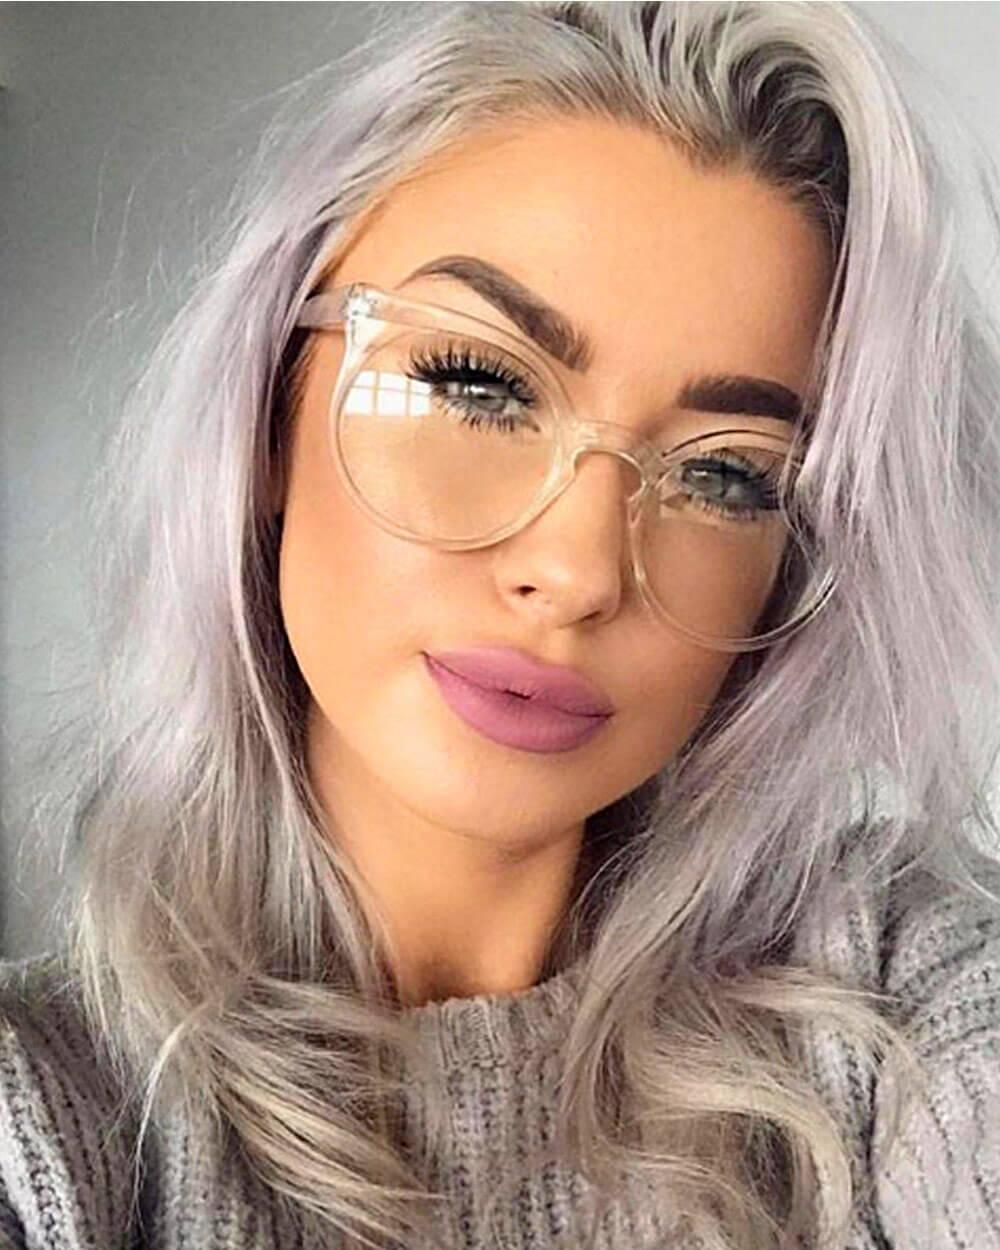 Transparent eyewear fashion